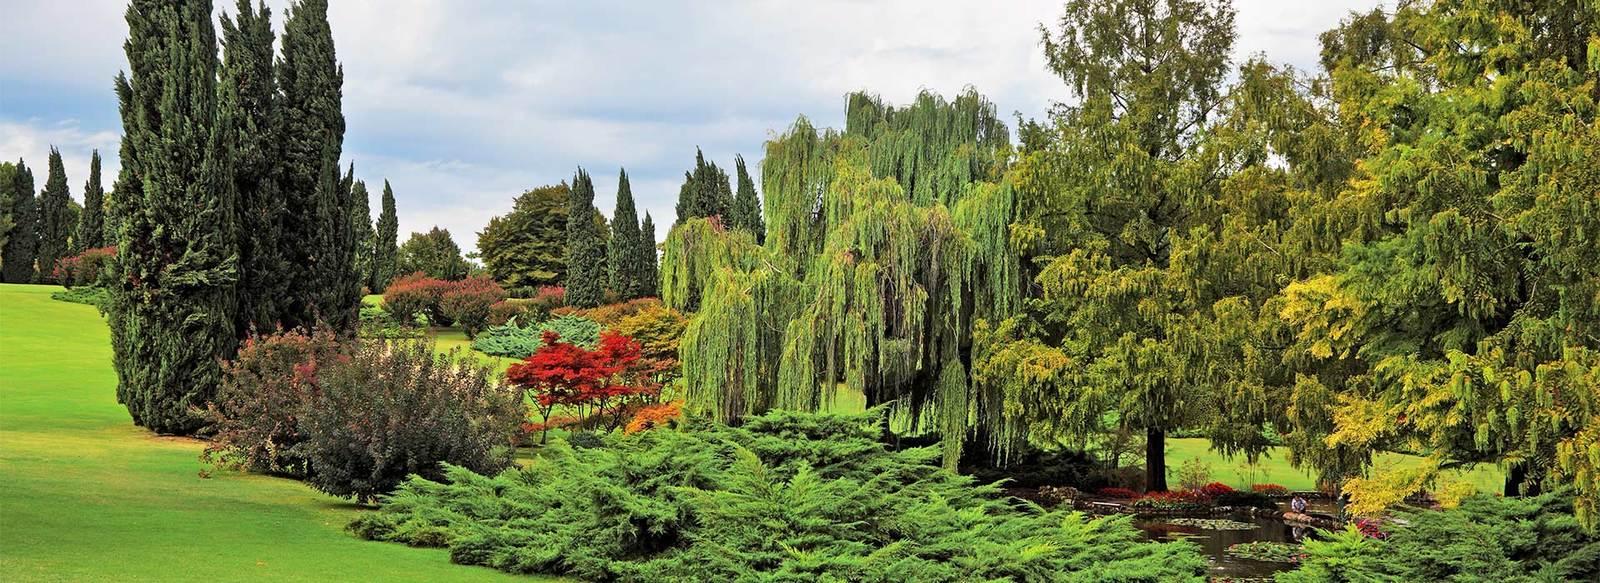 Immergini nella natura del paradisiaco Parco Giardino Sigurtà